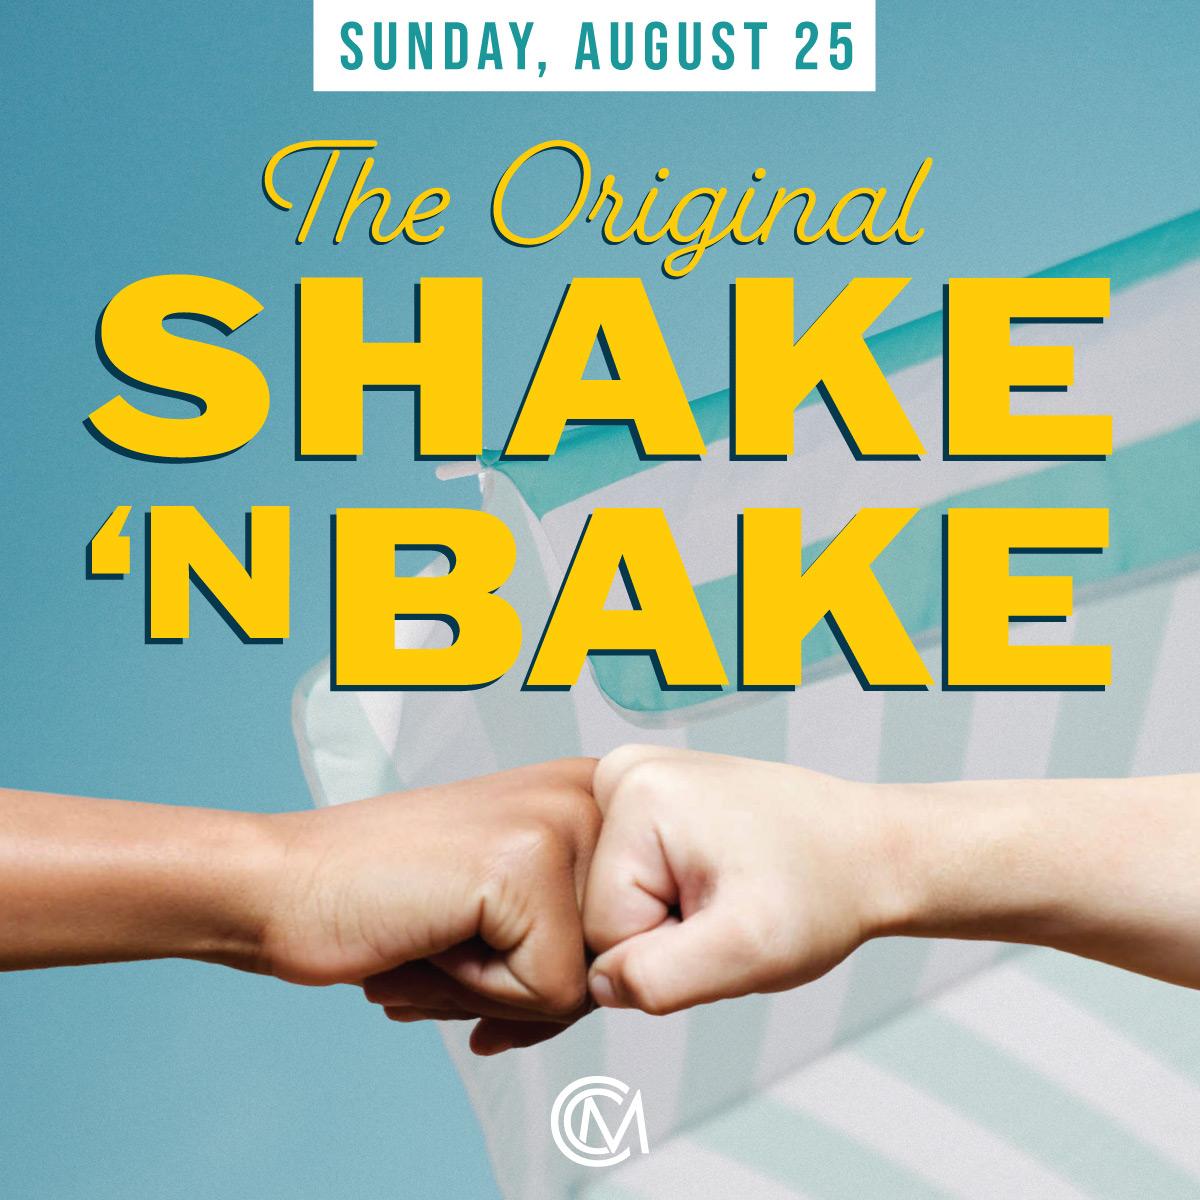 CCM-Shake&Bake-Aug25.jpg